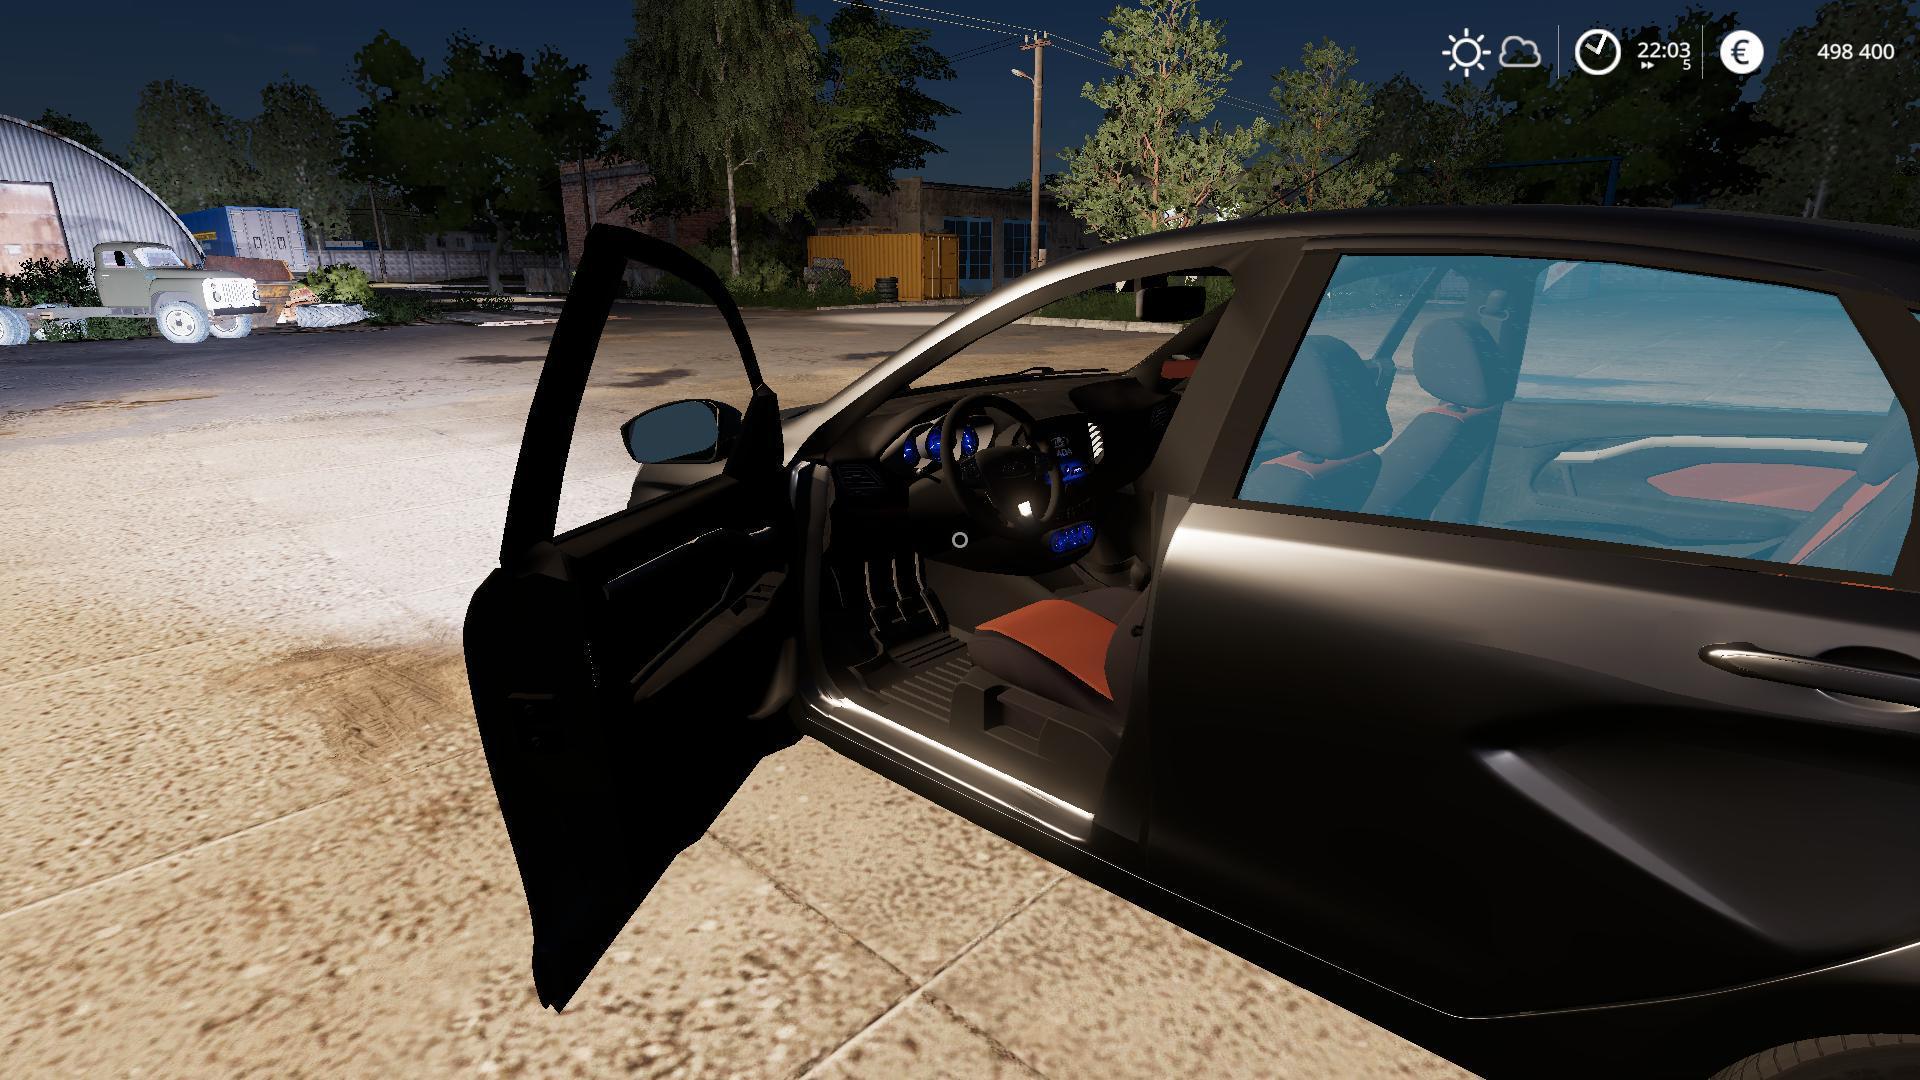 FS19 - Lada Vesta Car Mod V1.0